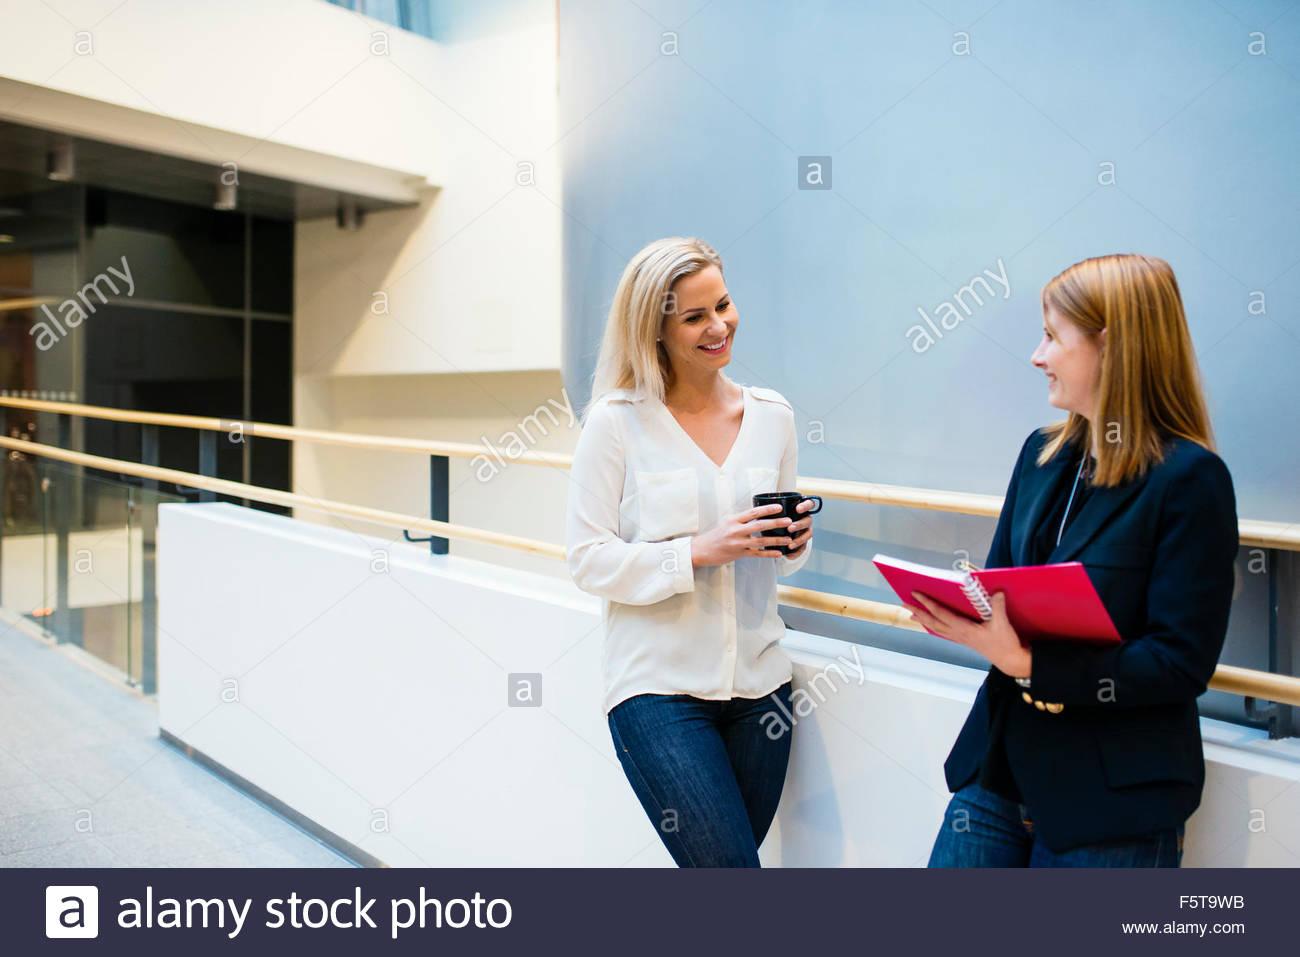 Finlandia, due donne parlando nel corridoio di office Immagini Stock